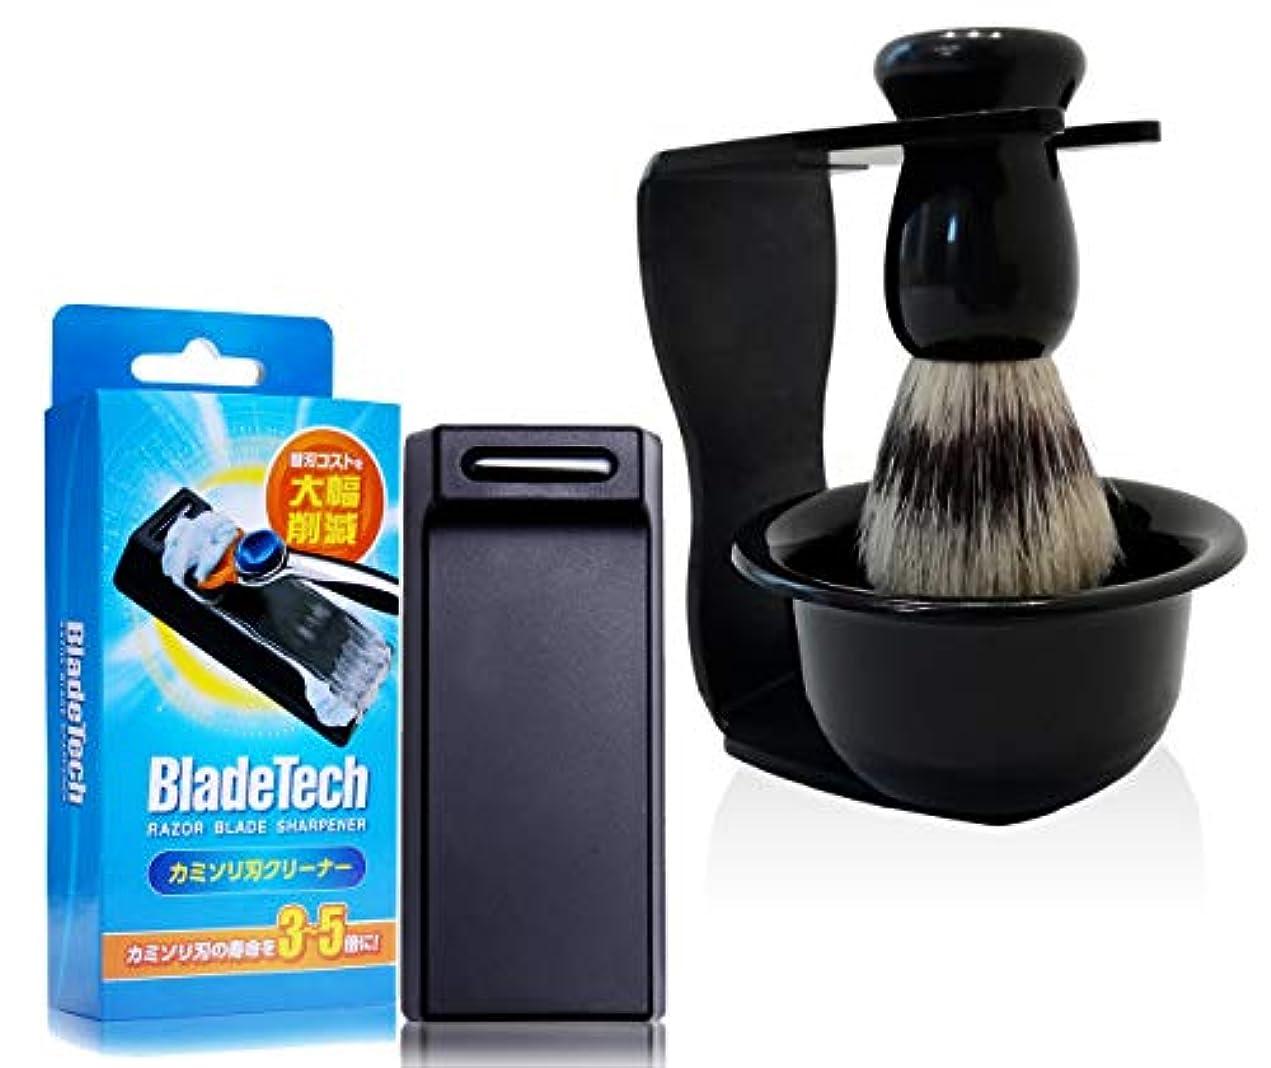 大声でいくつかの大胆髭剃り シェービングツールセット (カミソリ刃クリーナー、 シェービングブラシ、 シェービングカップ?スタンド)